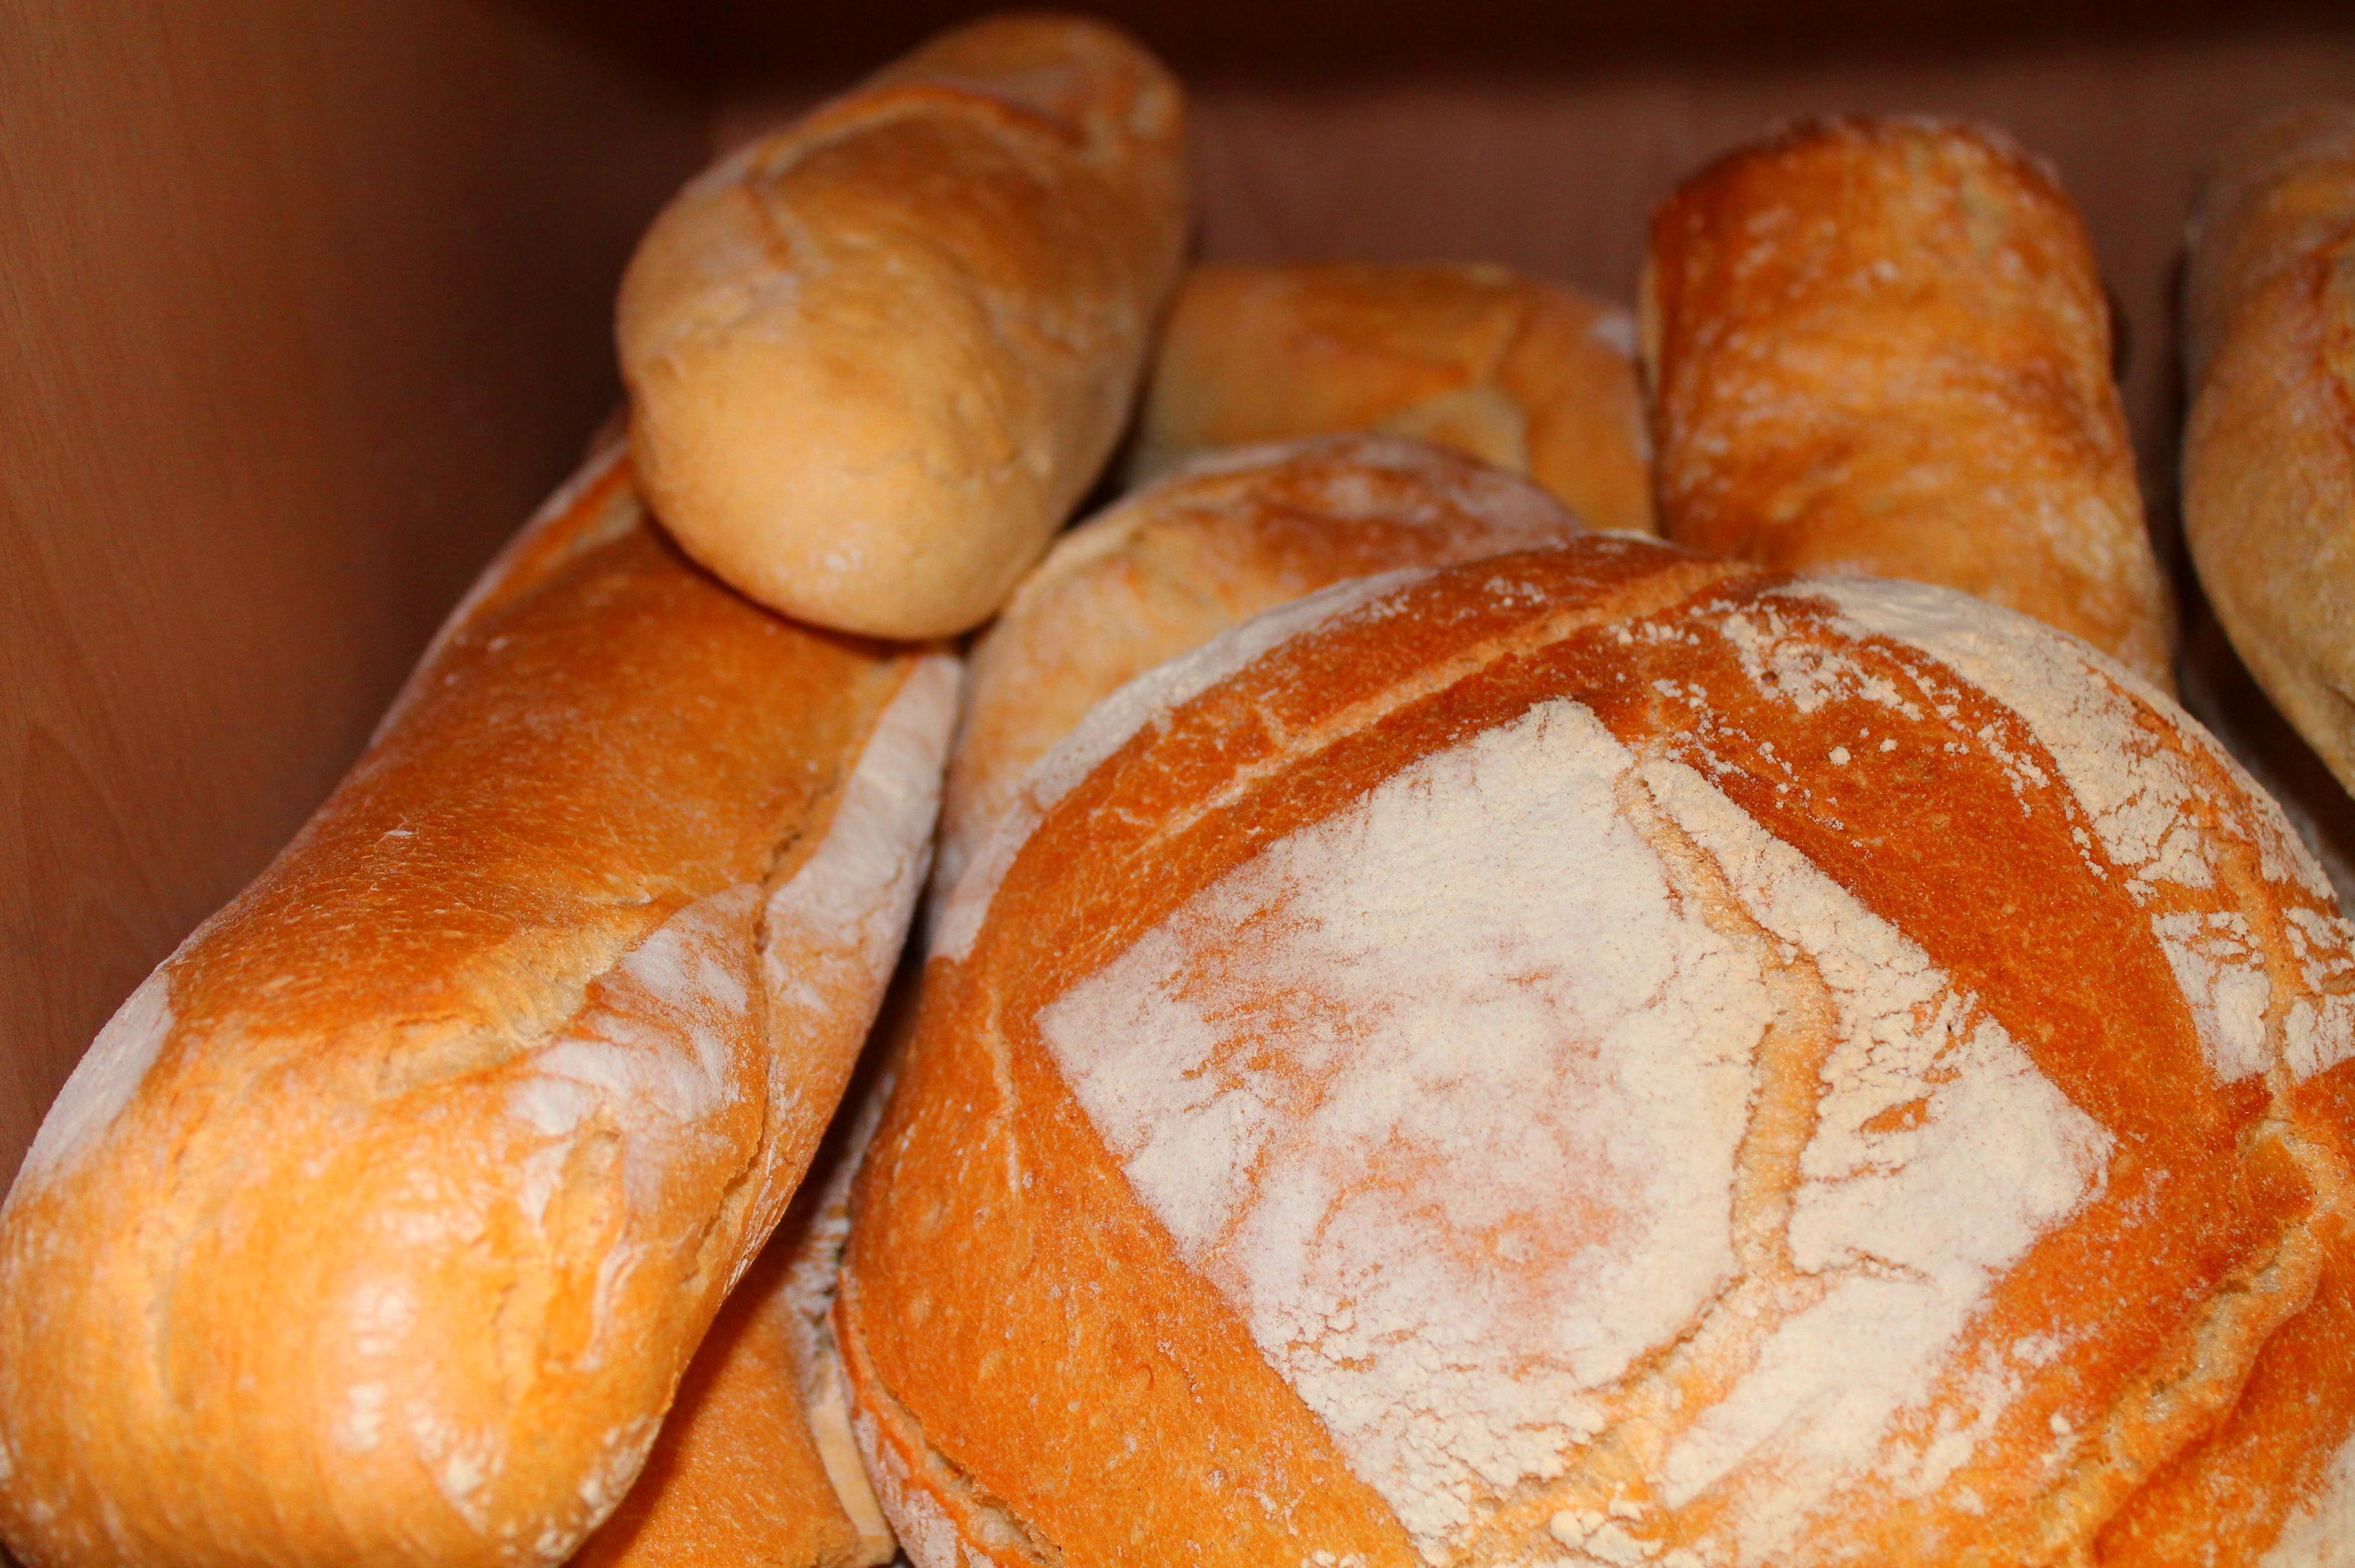 Barras de pan y hogazas: Panadería y Confitería de Panaderías y Confiterías Rodríguez